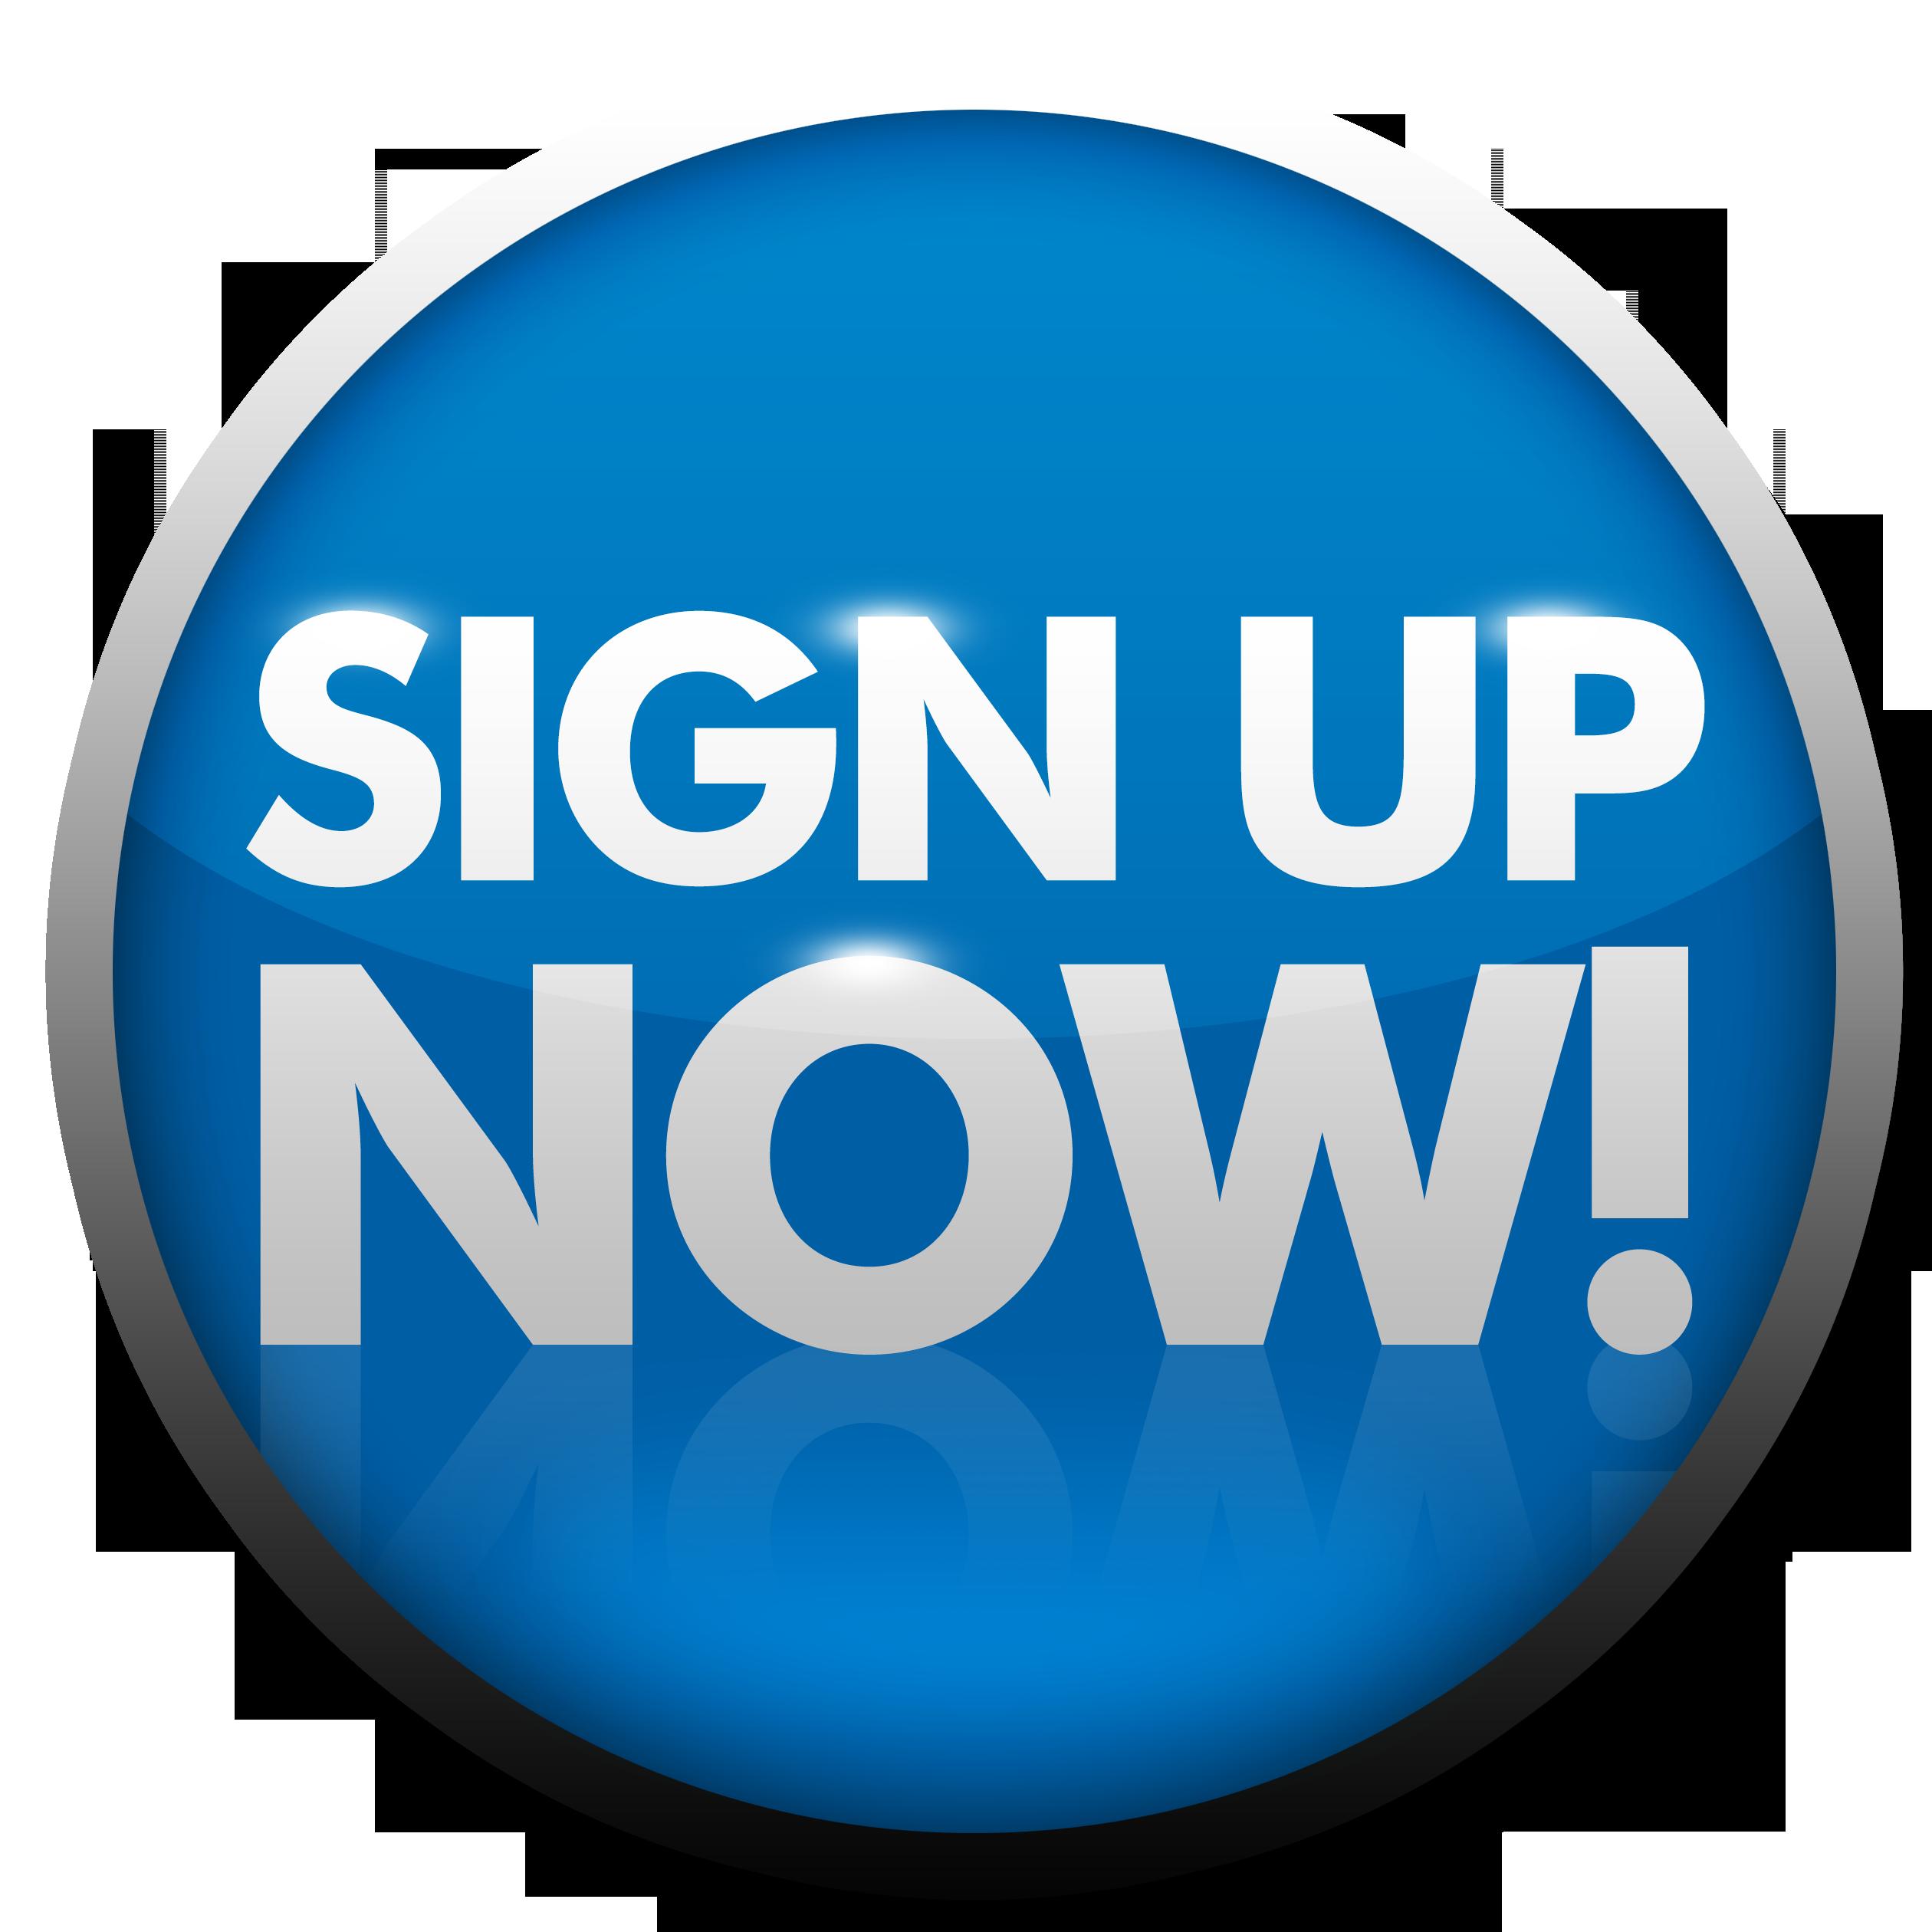 Sign up to receive. Door clipart blue door